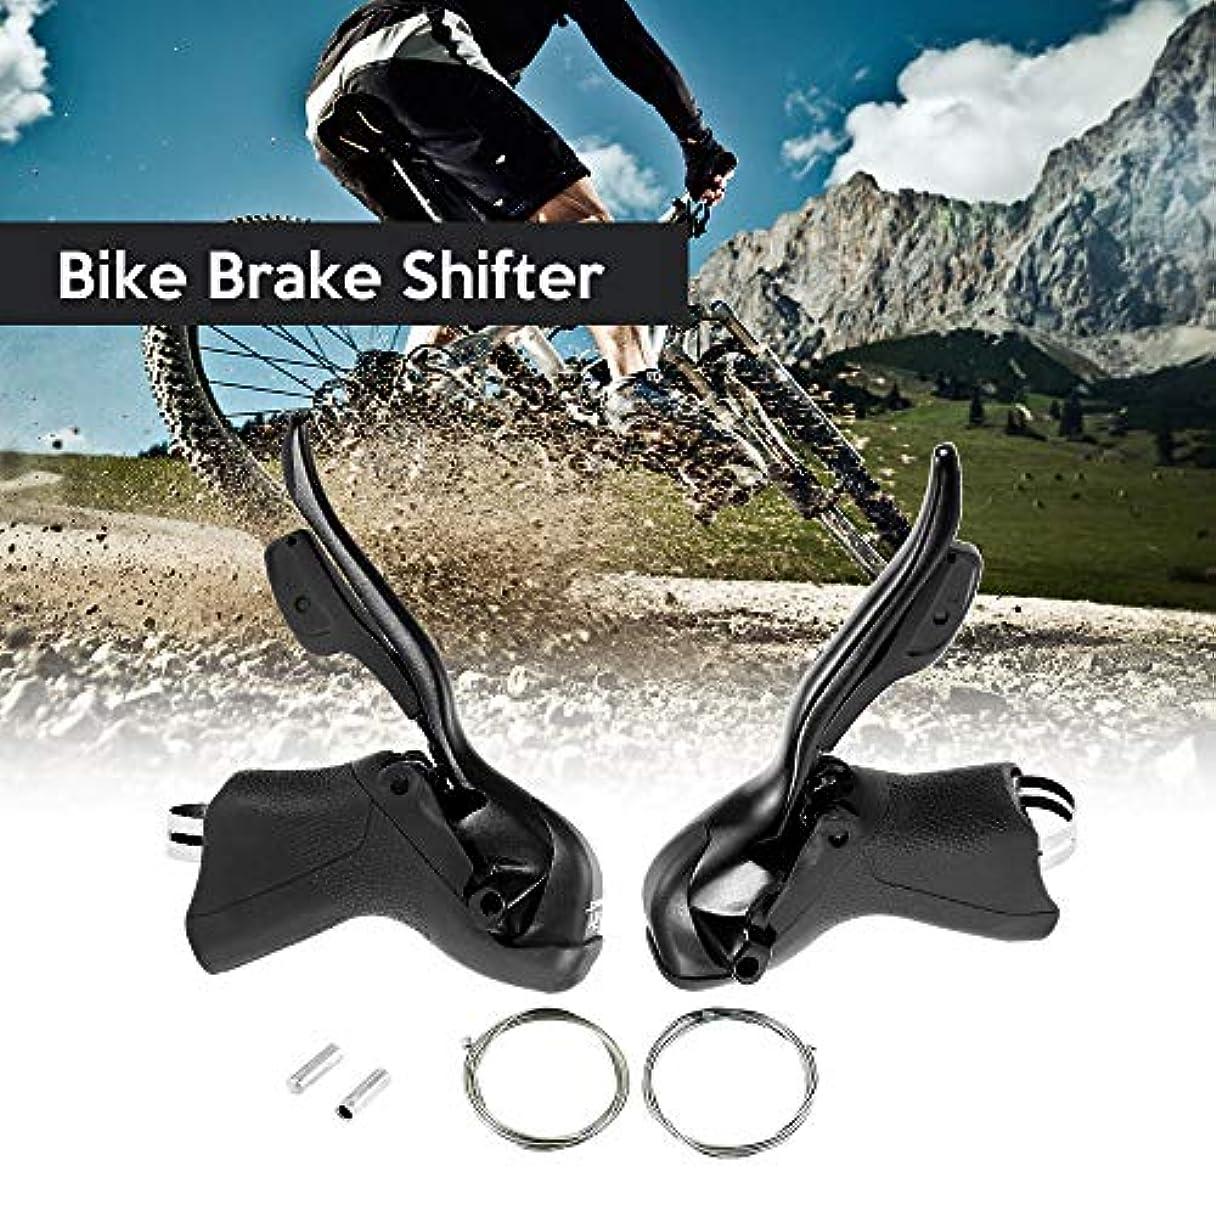 スポンサー性格脊椎Rakuby バイクシフター レバーフロントリアディレイラー セット 7S / 8S / 9S / 10Sロード バイクブレーキレバー エクストラインナー シフトケーブル